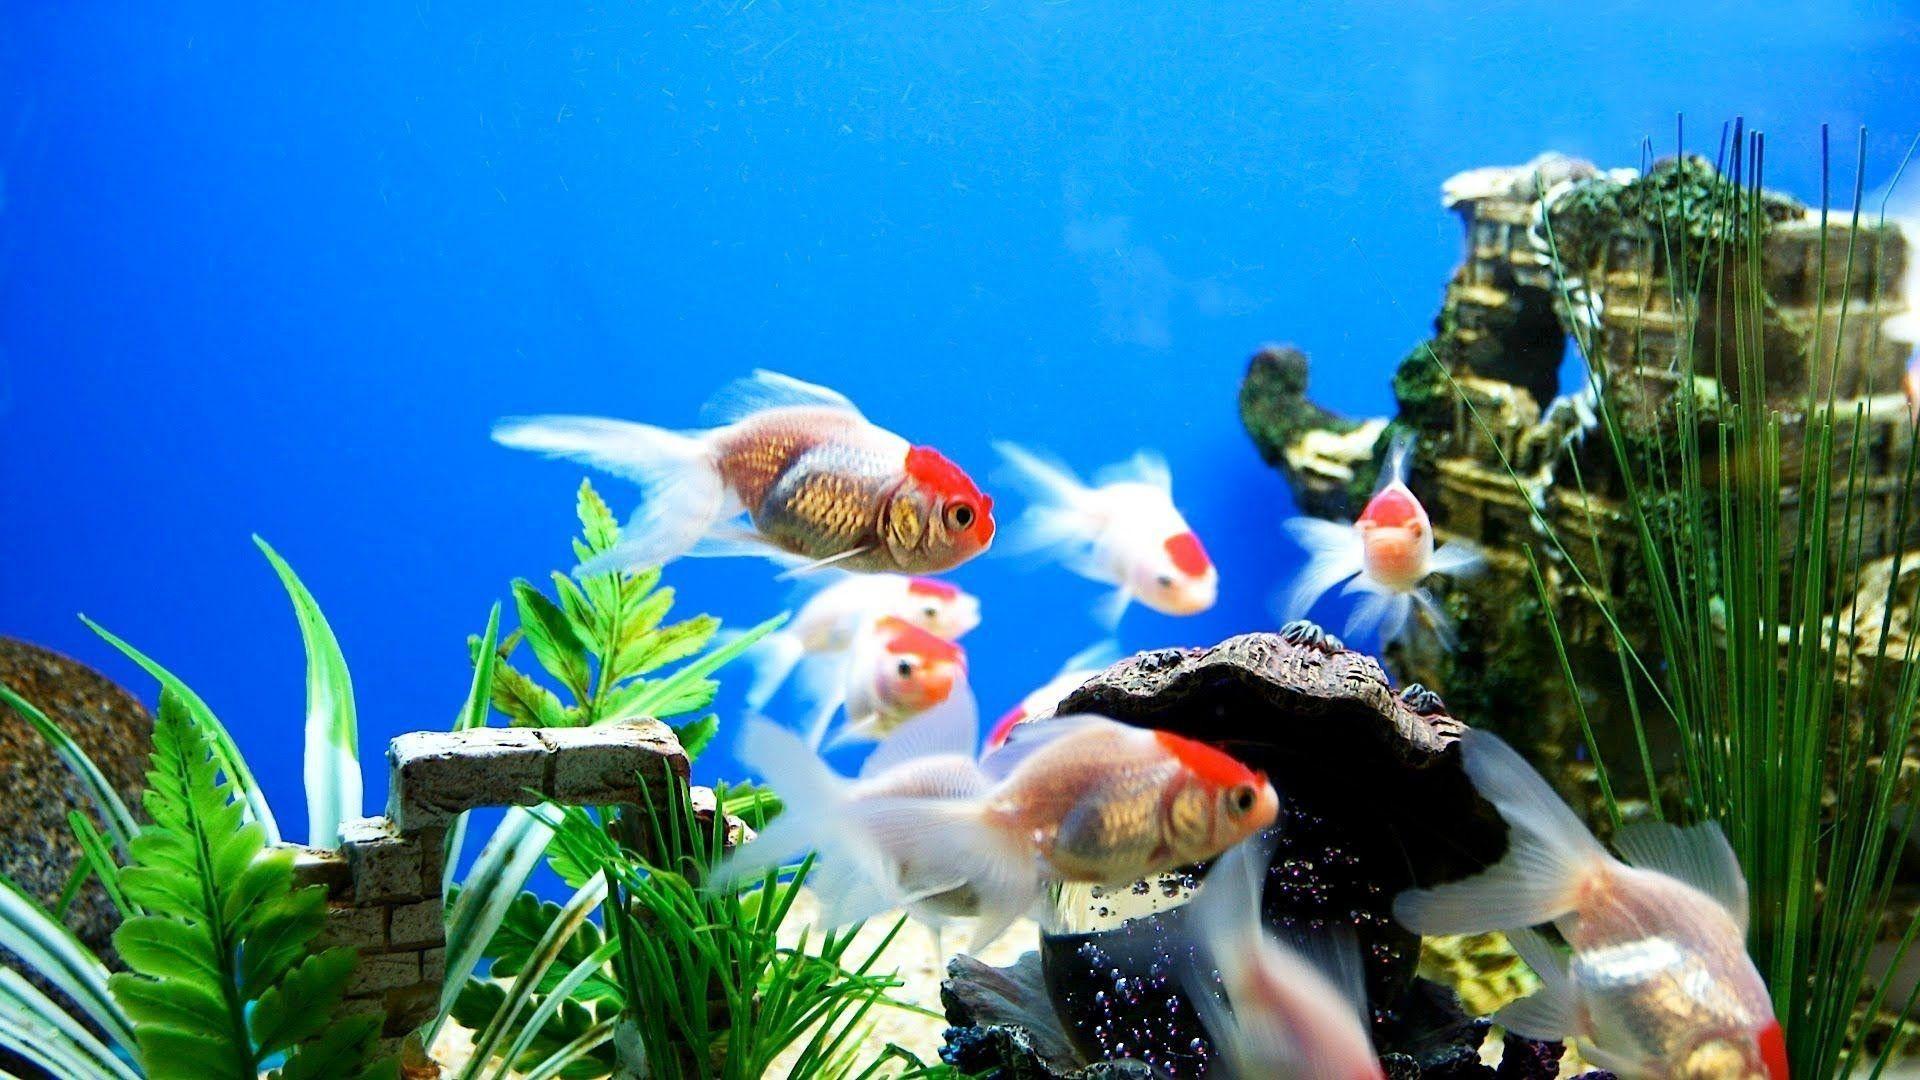 aquarium wall paper